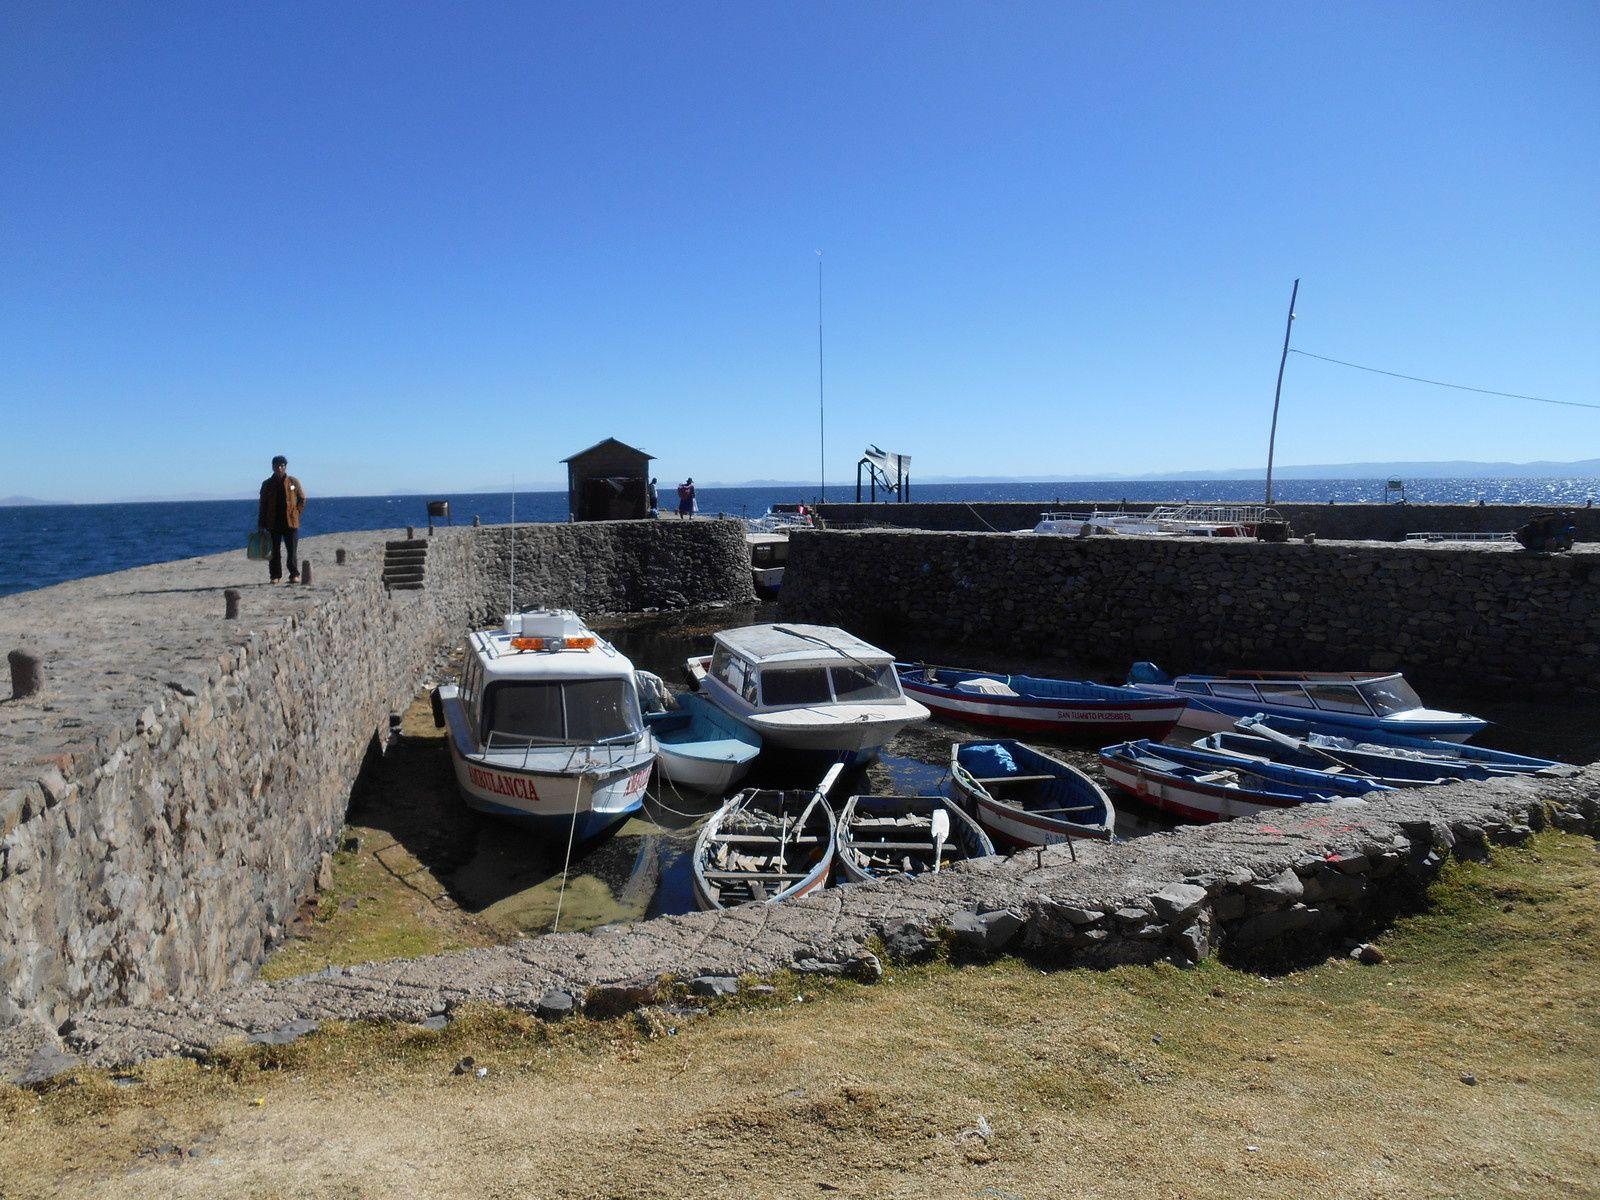 Le petit port où est basé l'ambulance...